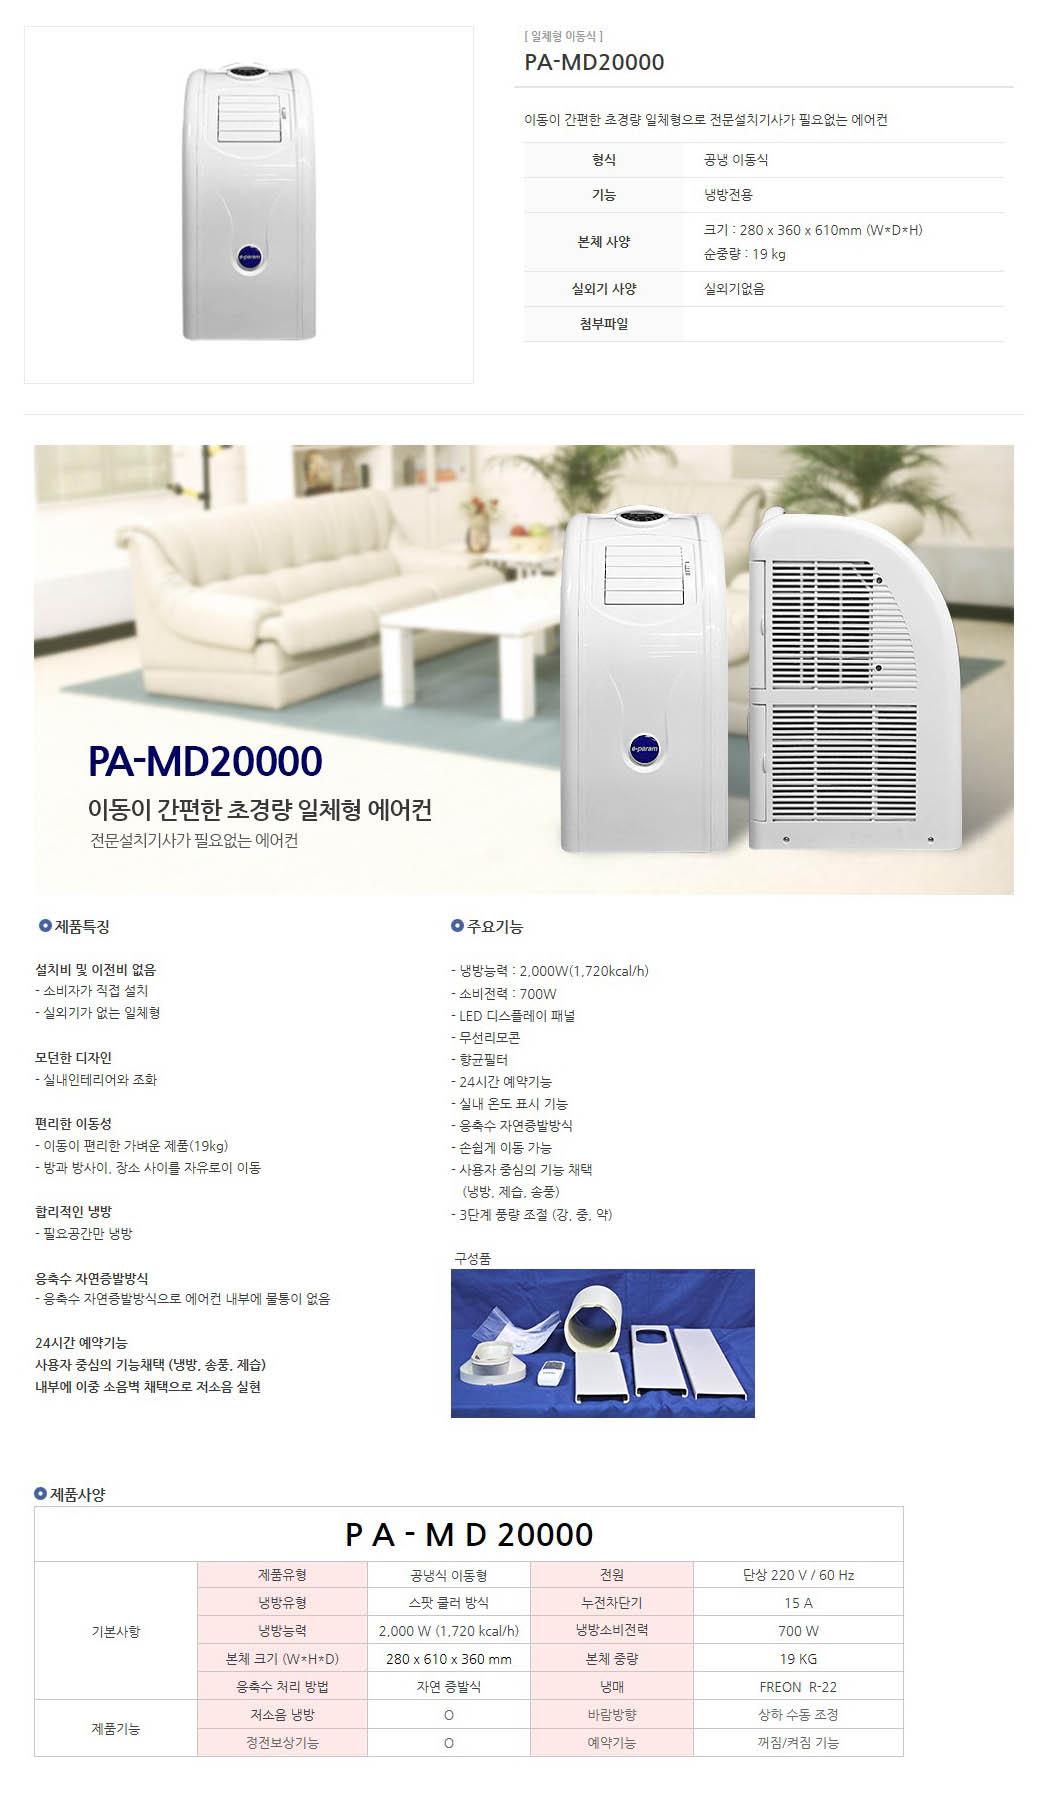 (주)파람 일체형 에어컨 PA-MD20000